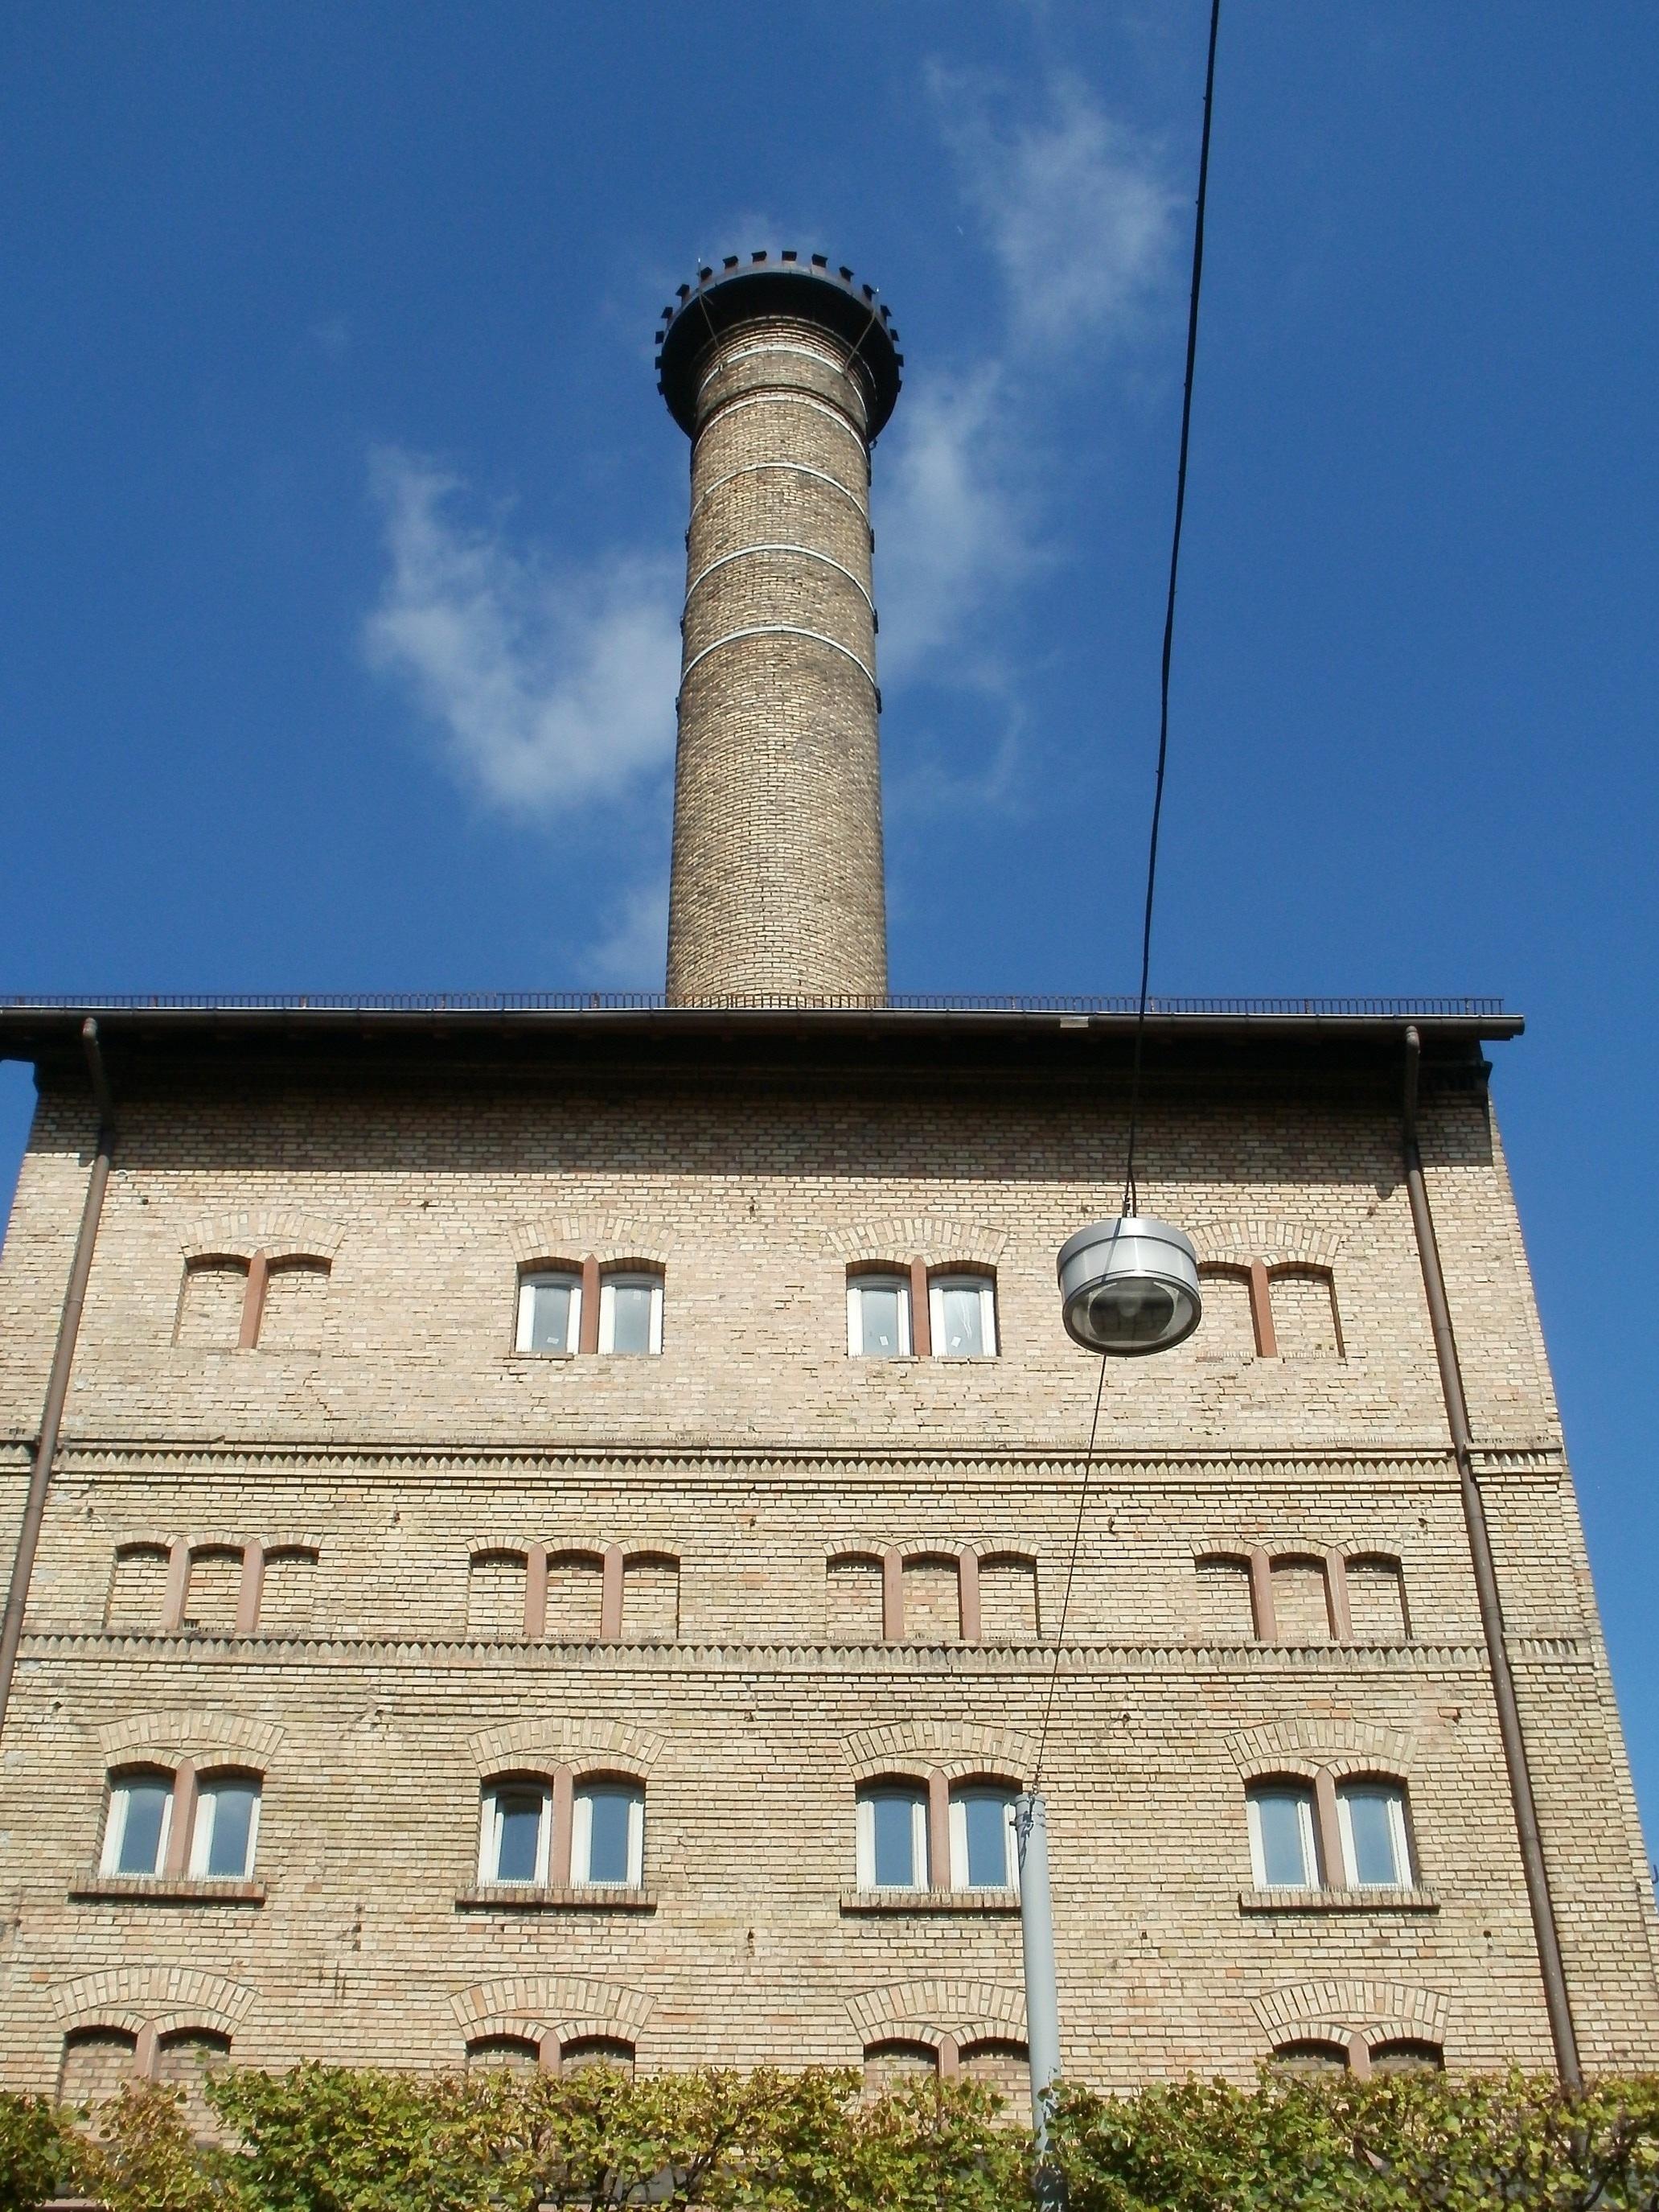 faro planta edificio antiguo construccin torre tubo de lmpara punto de referencia fachada industrial fbrica azul